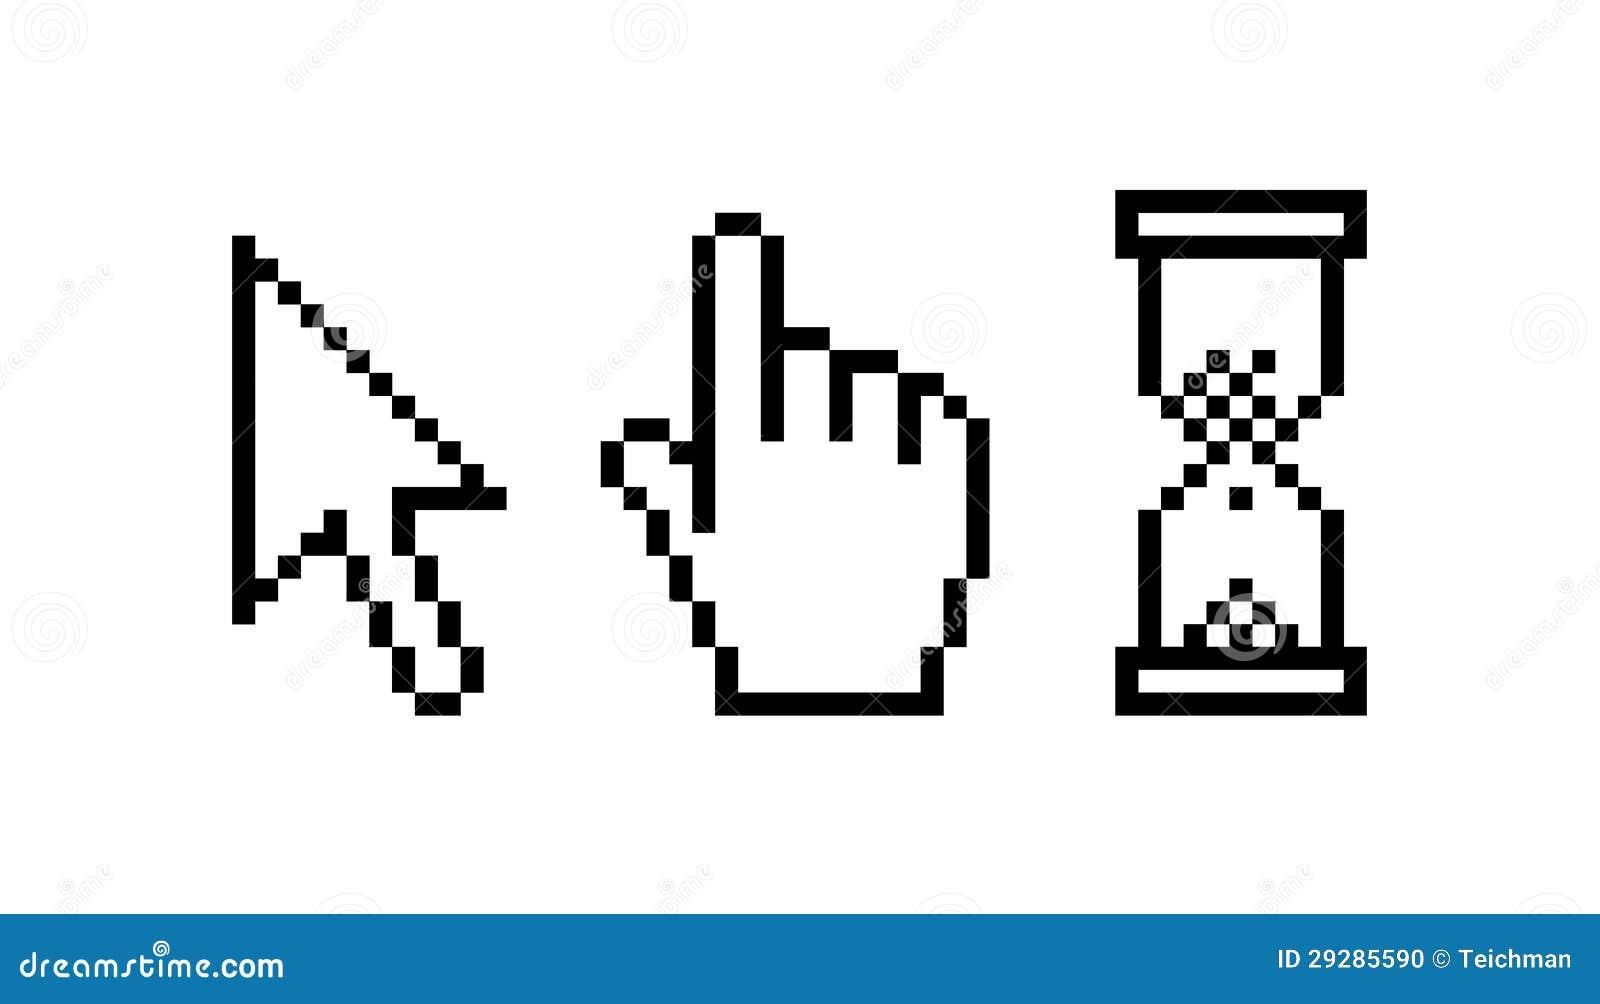 how to change windows cursor shape